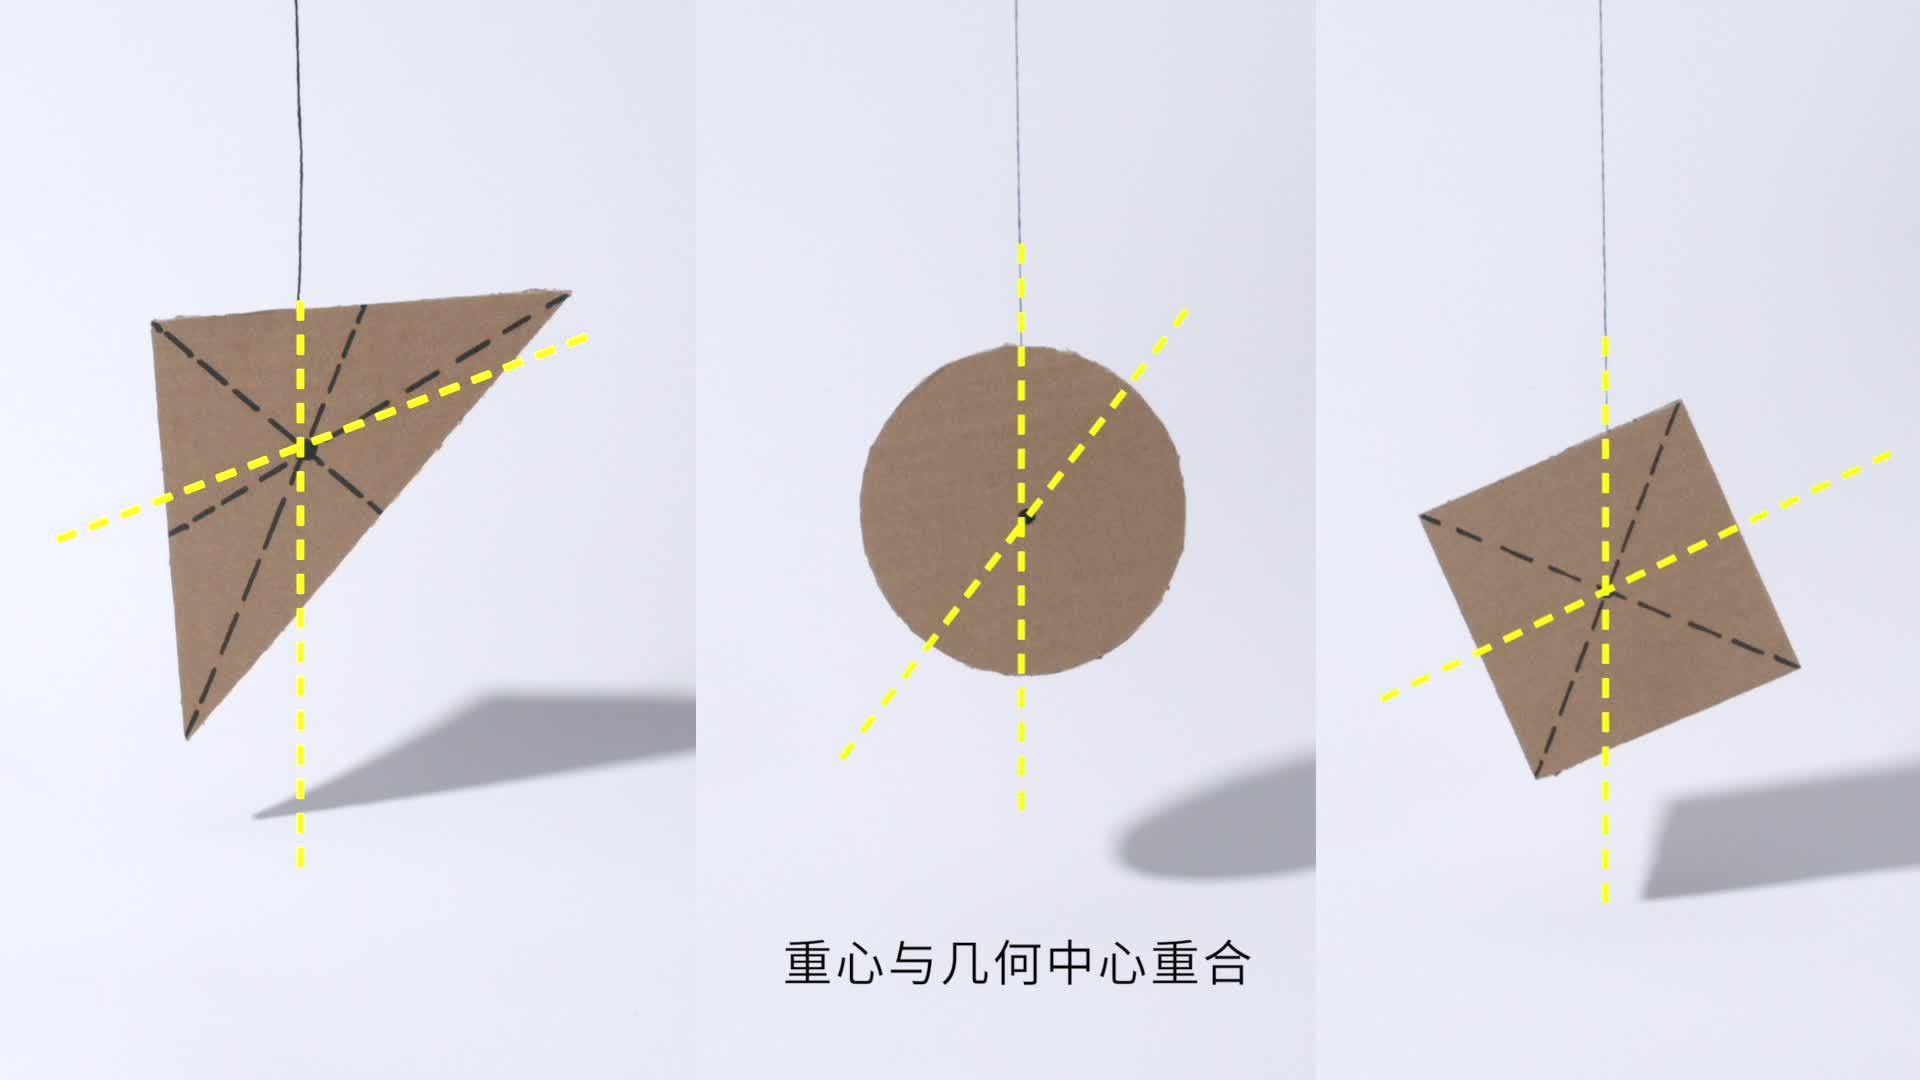 7.3 悬挂法确定物体的重心-【火花学院】人教版八年级物理下册